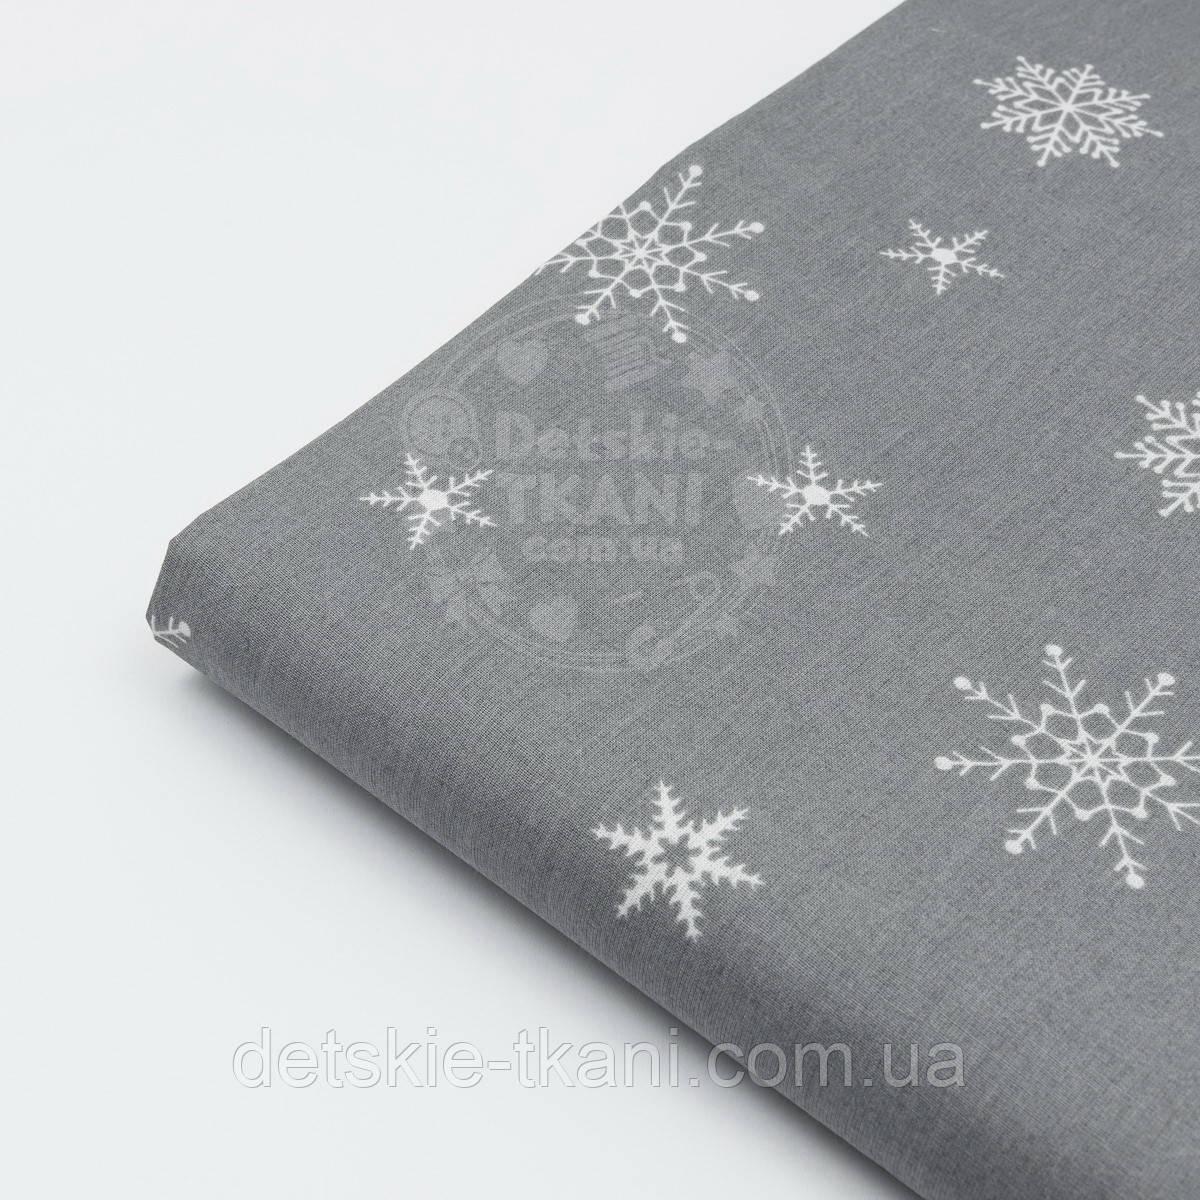 Лоскут ткани с редкими снежинками на сером (графитовом) фоне № 451